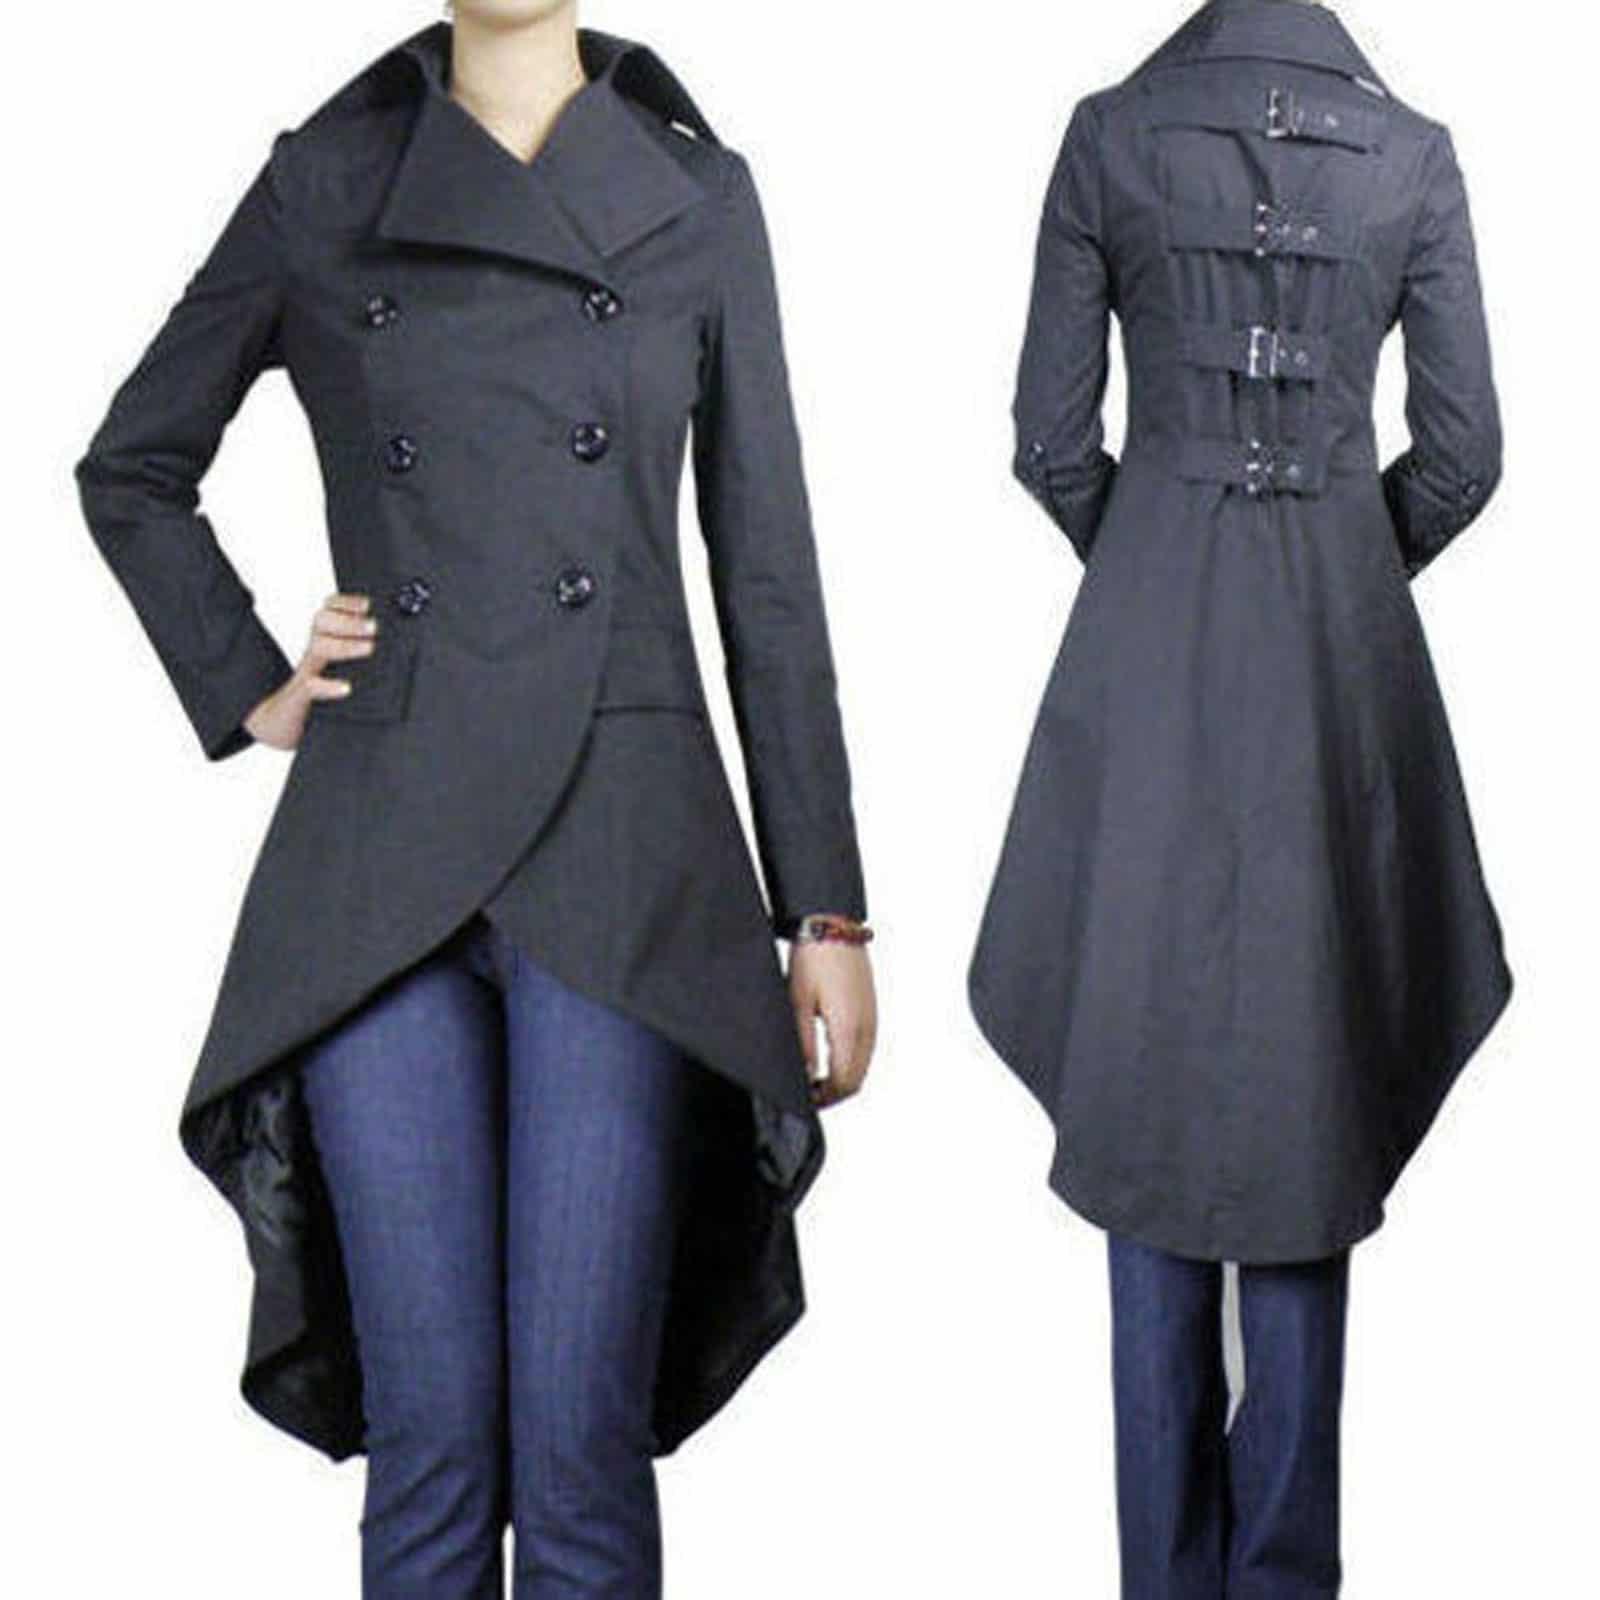 Gothic Punk Long Black Fishtail Coat/Long Jacket